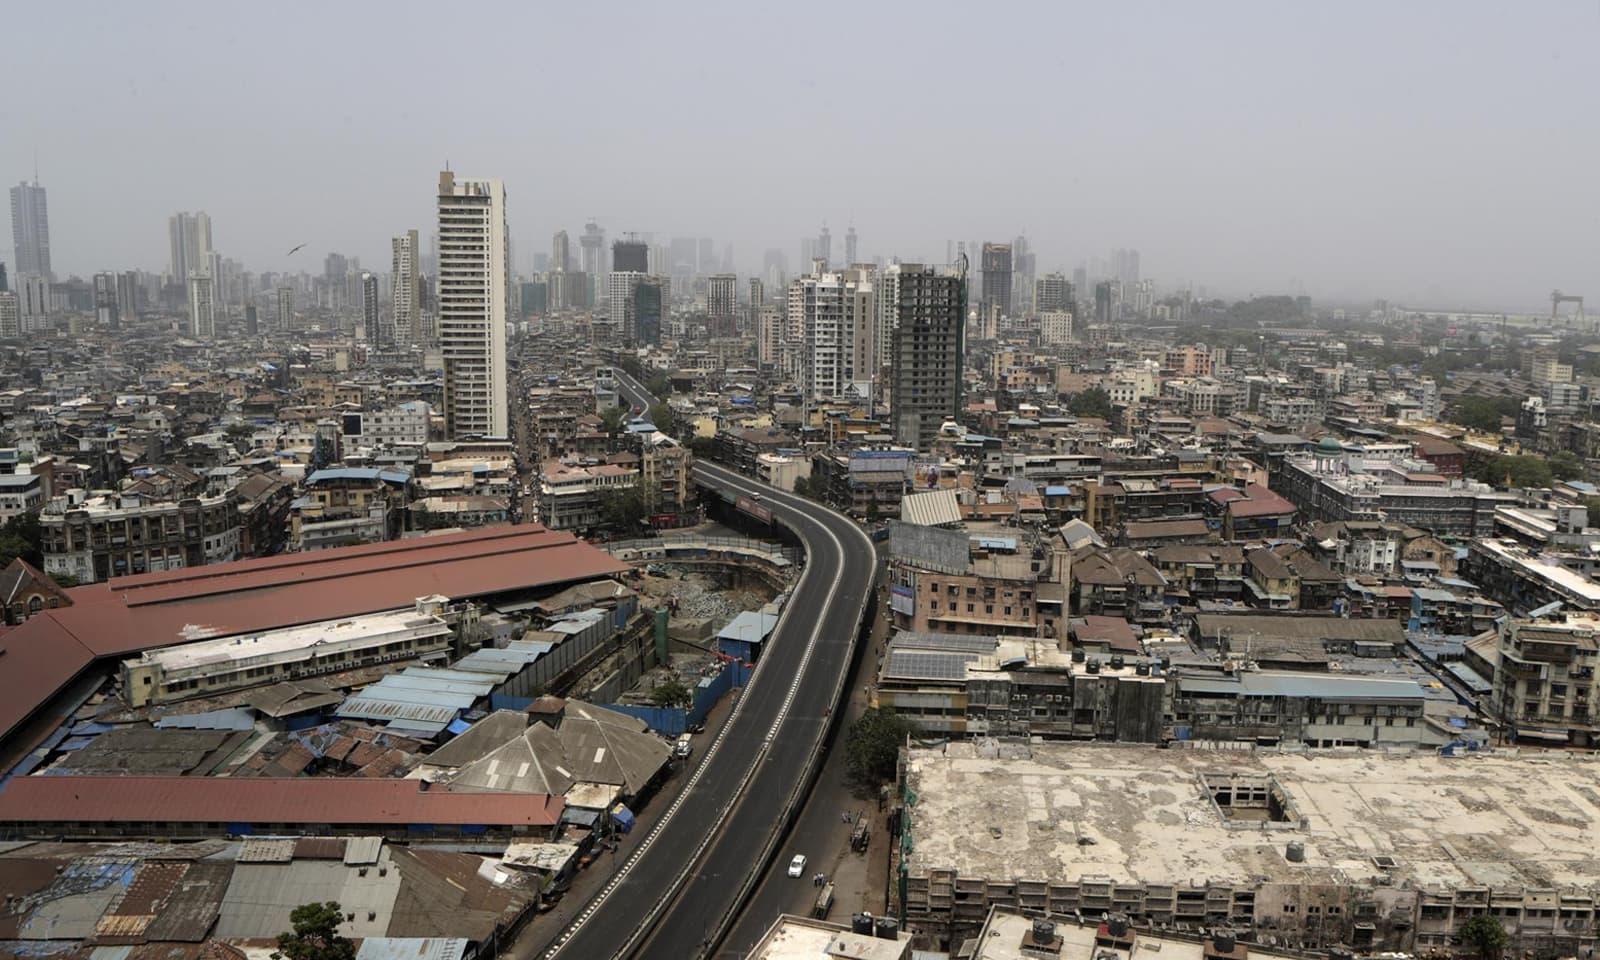 ممبئی میں ویک اینڈز پر شٹ ڈاؤن کا فیصلہ بھی کیا گیا ہے —فوٹو:اے پی